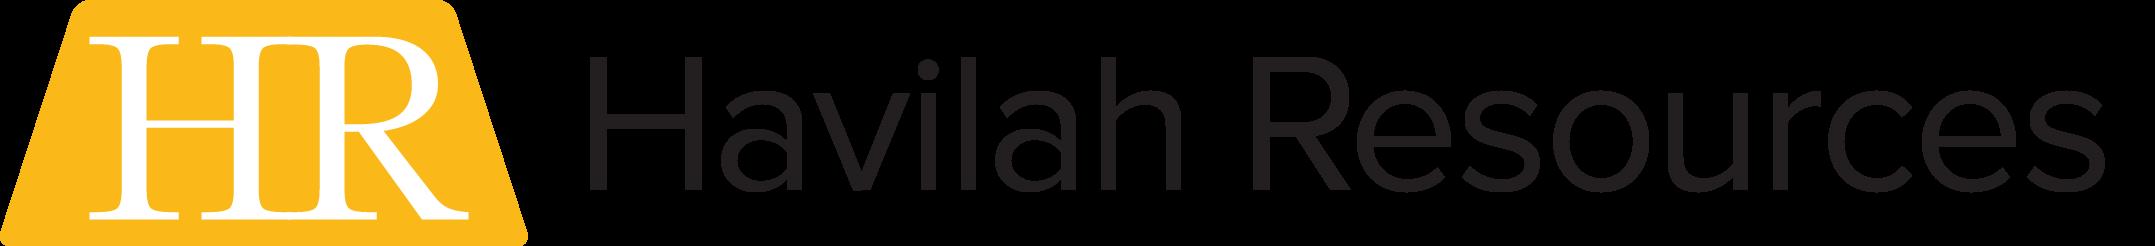 Havilah Resources